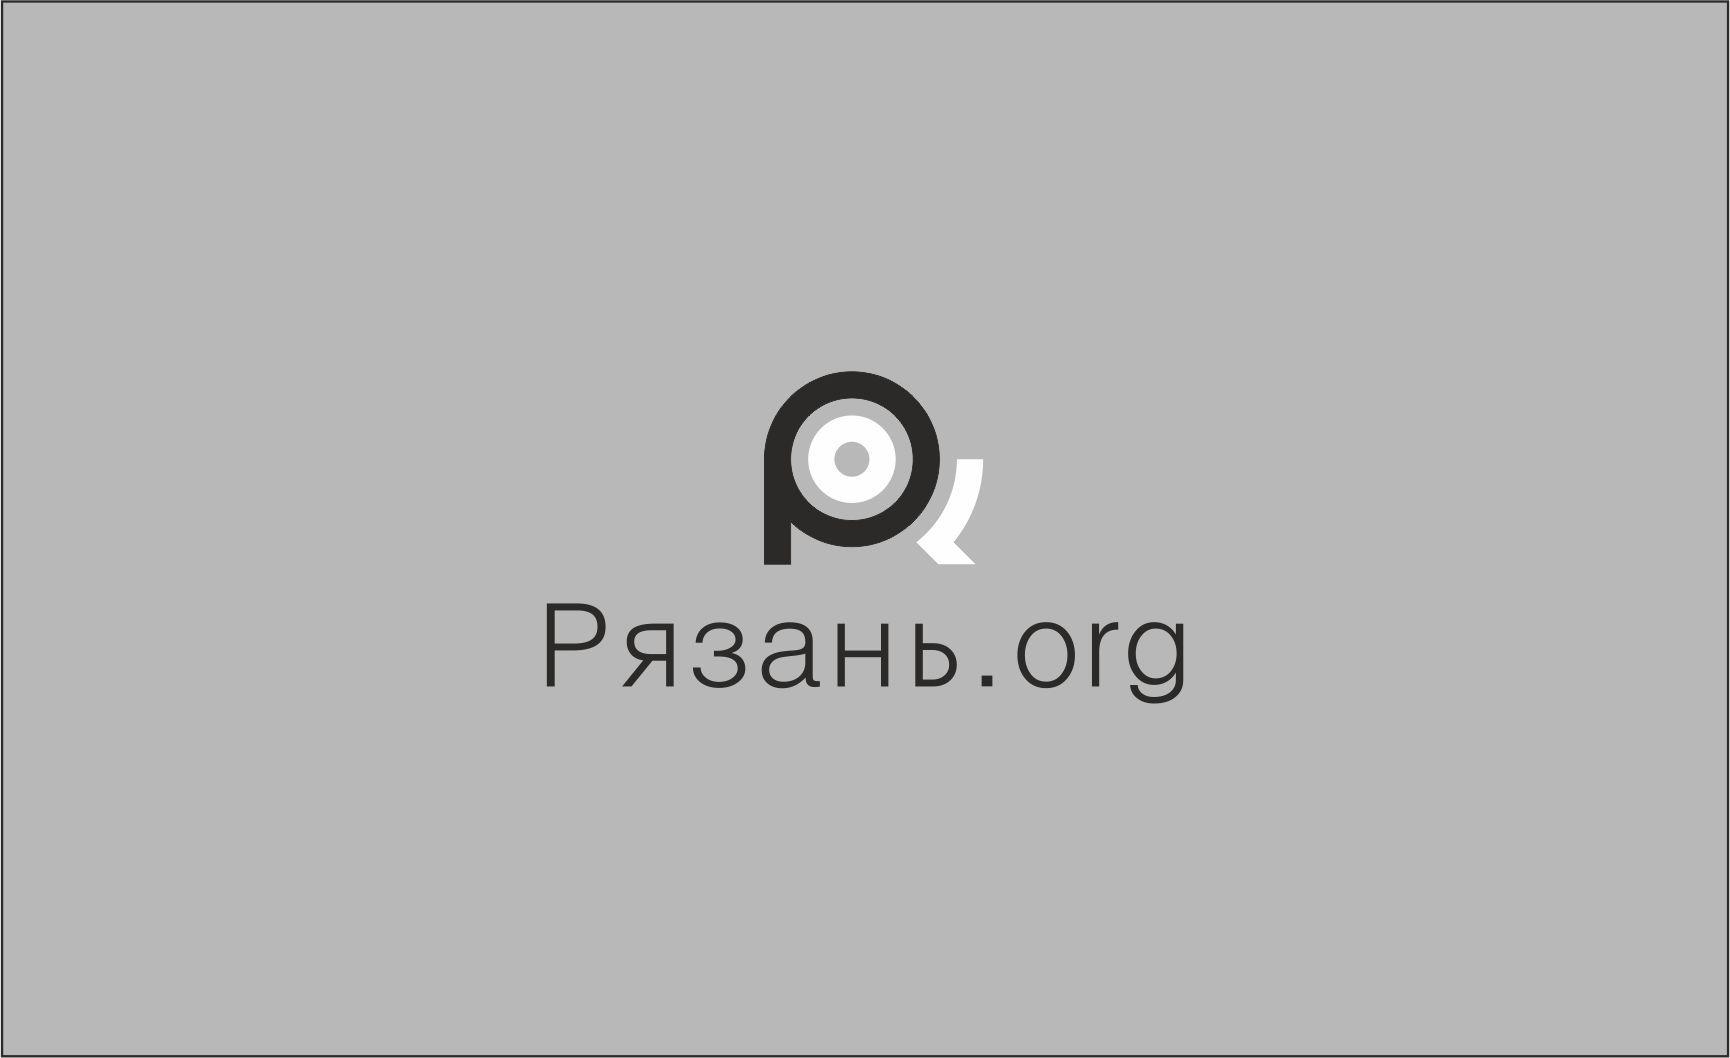 Логотип для поисковой системы - дизайнер sound_square